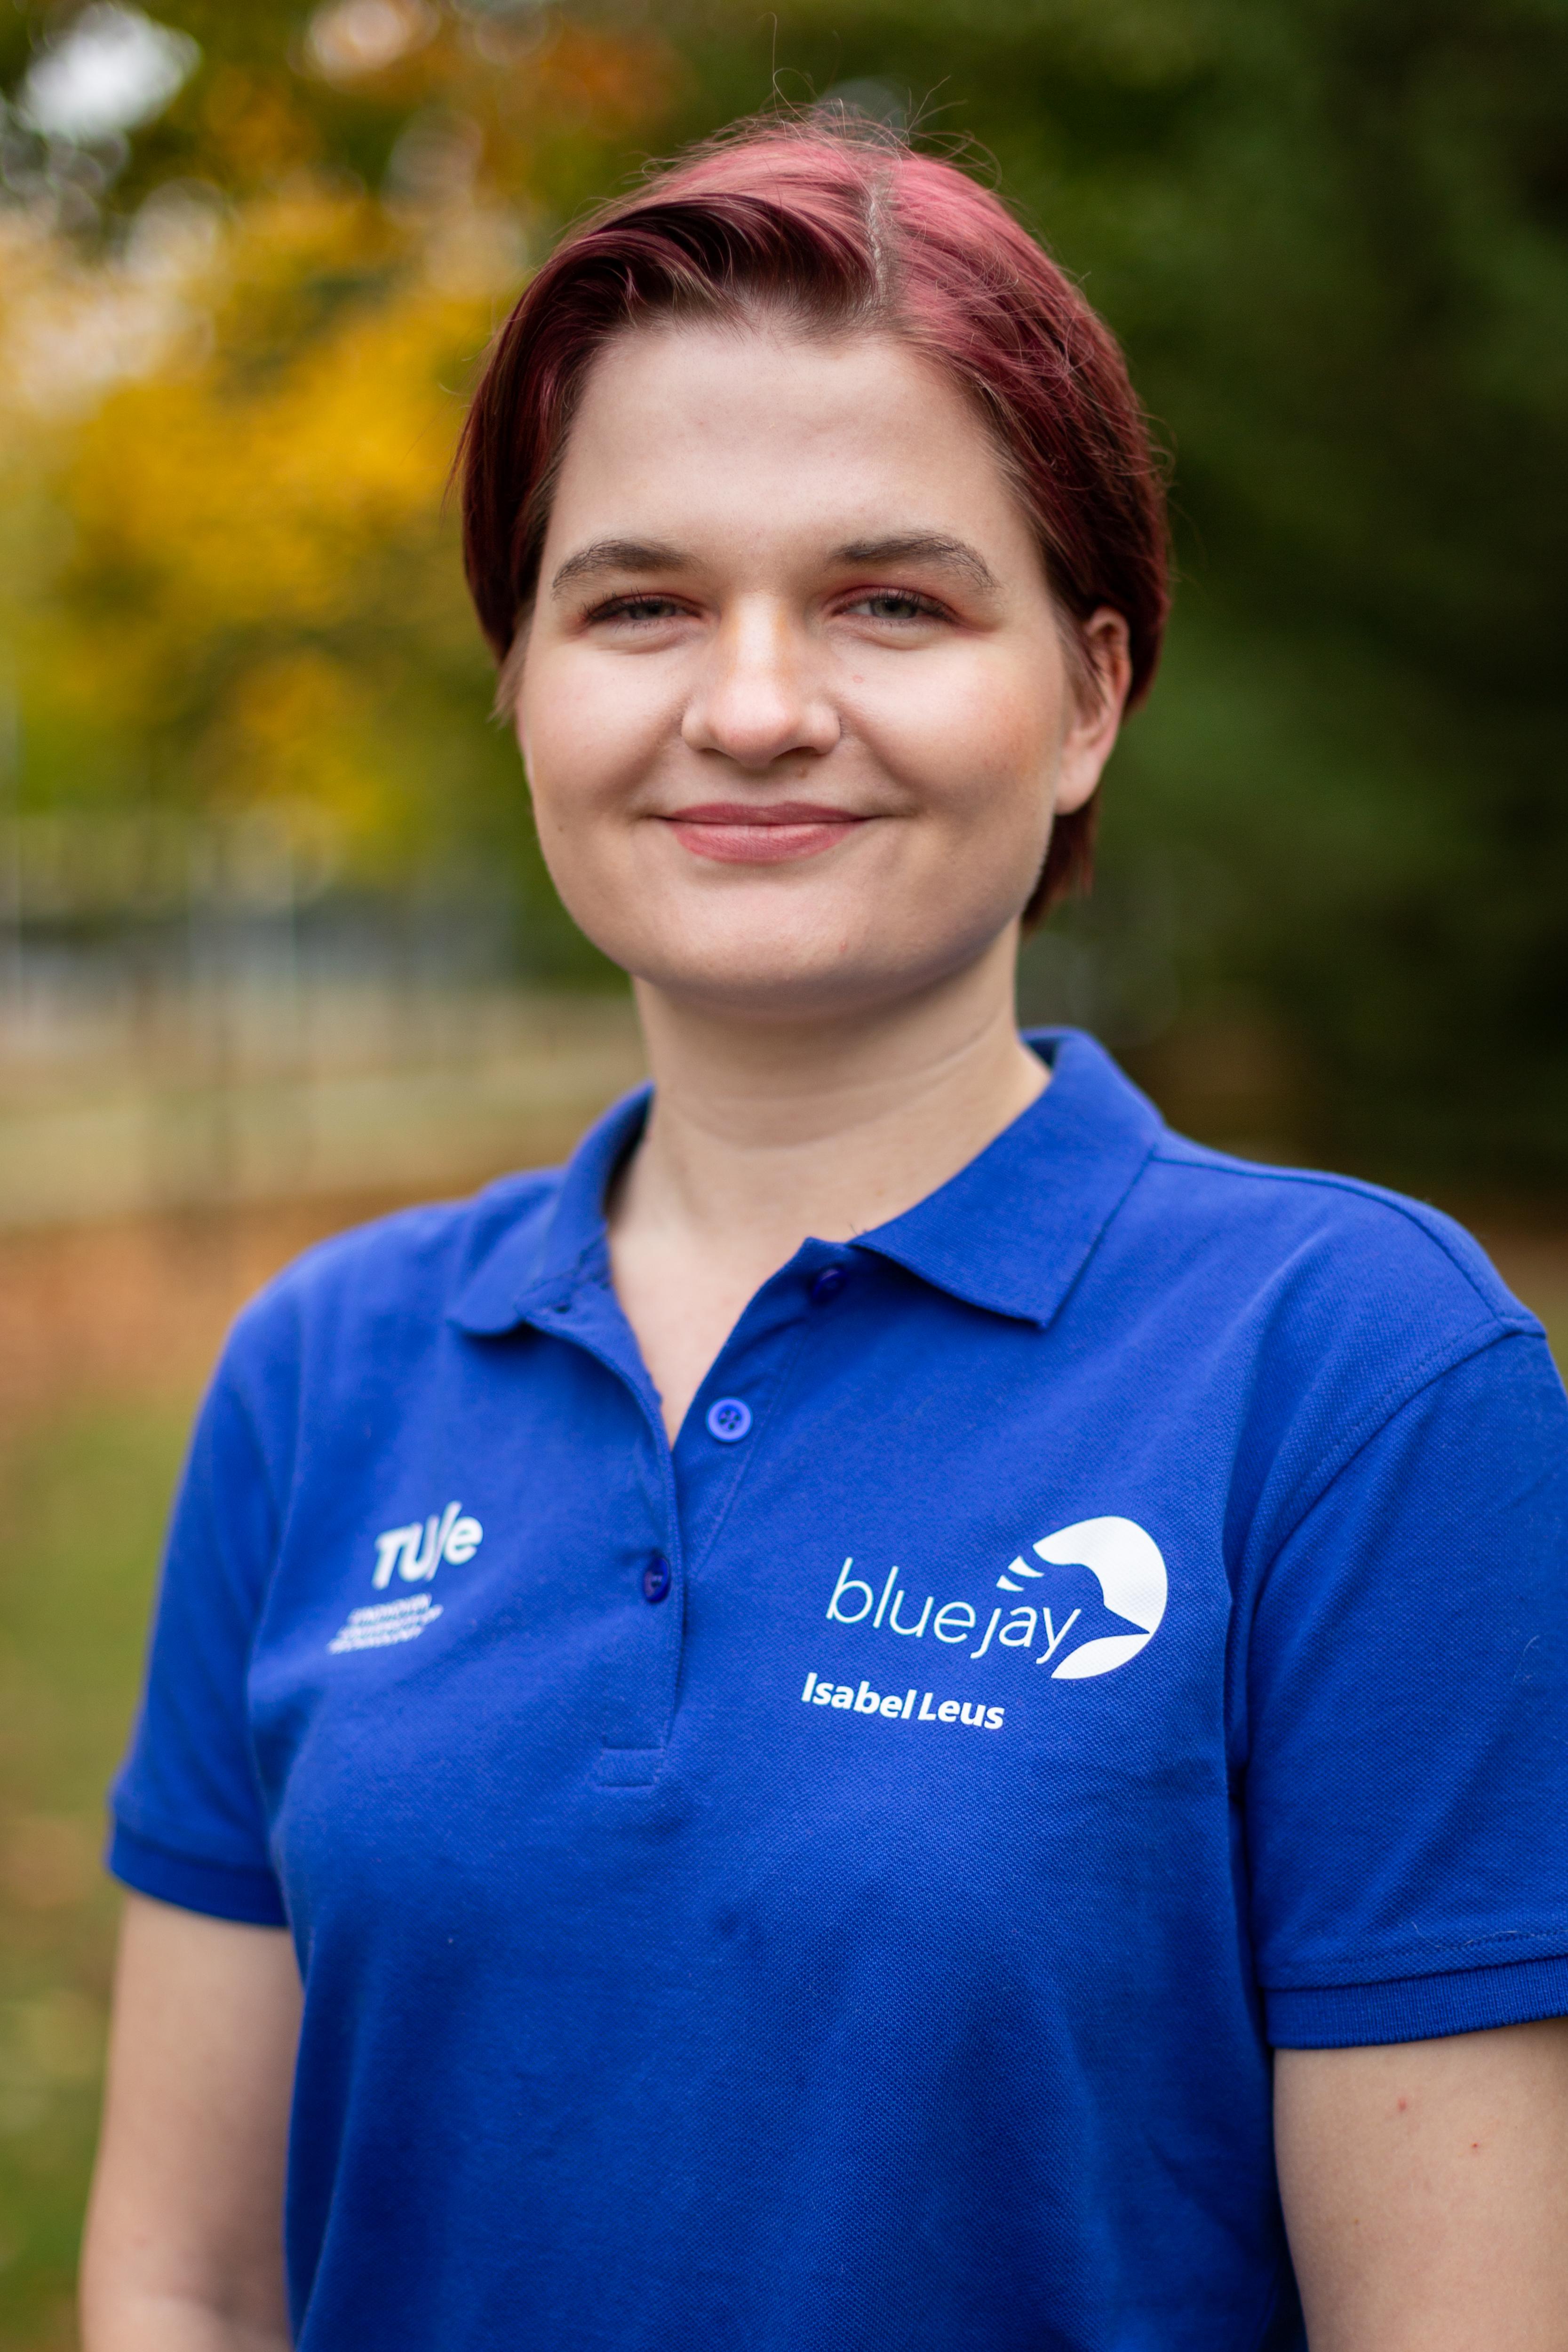 Isabel Leus